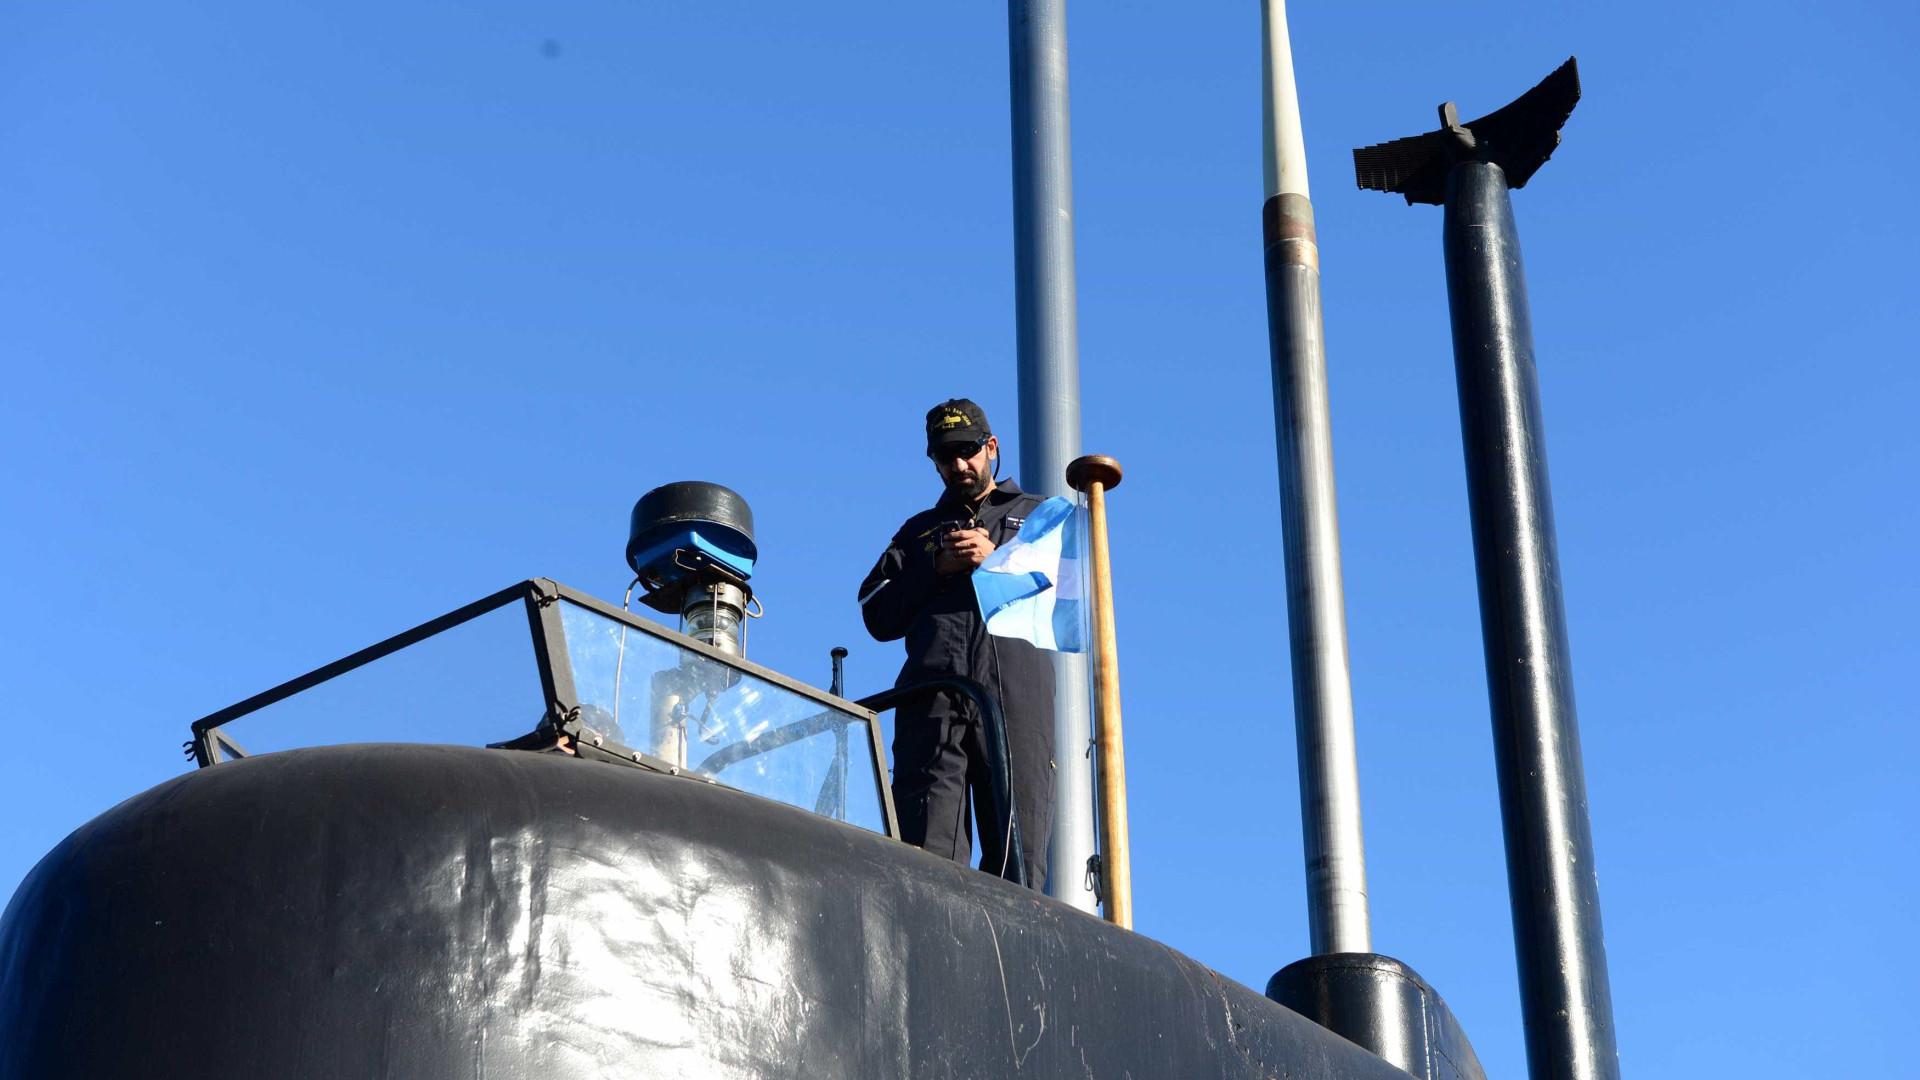 Submarino desaparecido não sofreu ataque externo, diz Marinha argentina